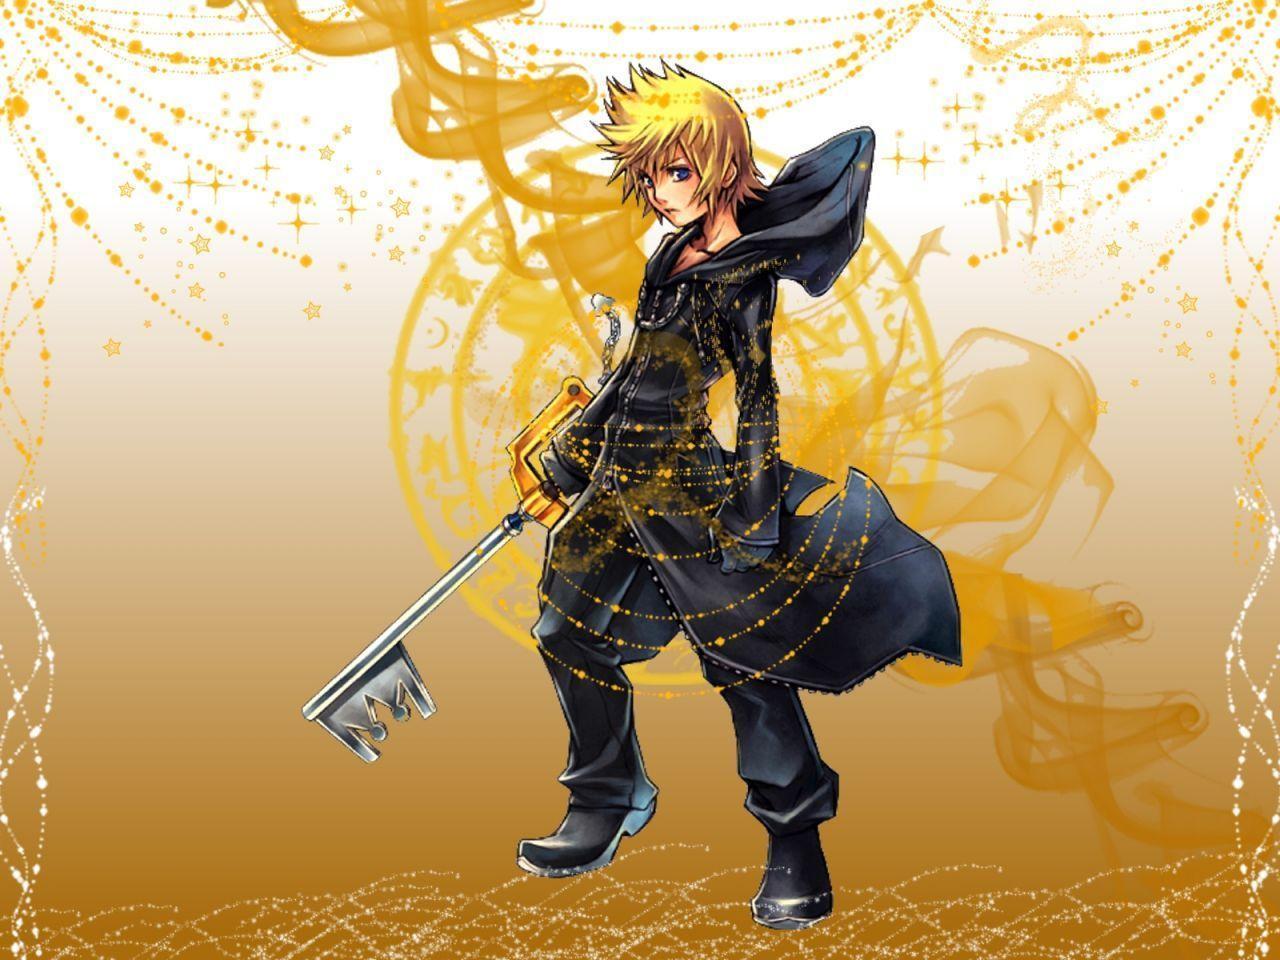 Kingdom Hearts Roxas Wallpapers - Wallpaper Cave